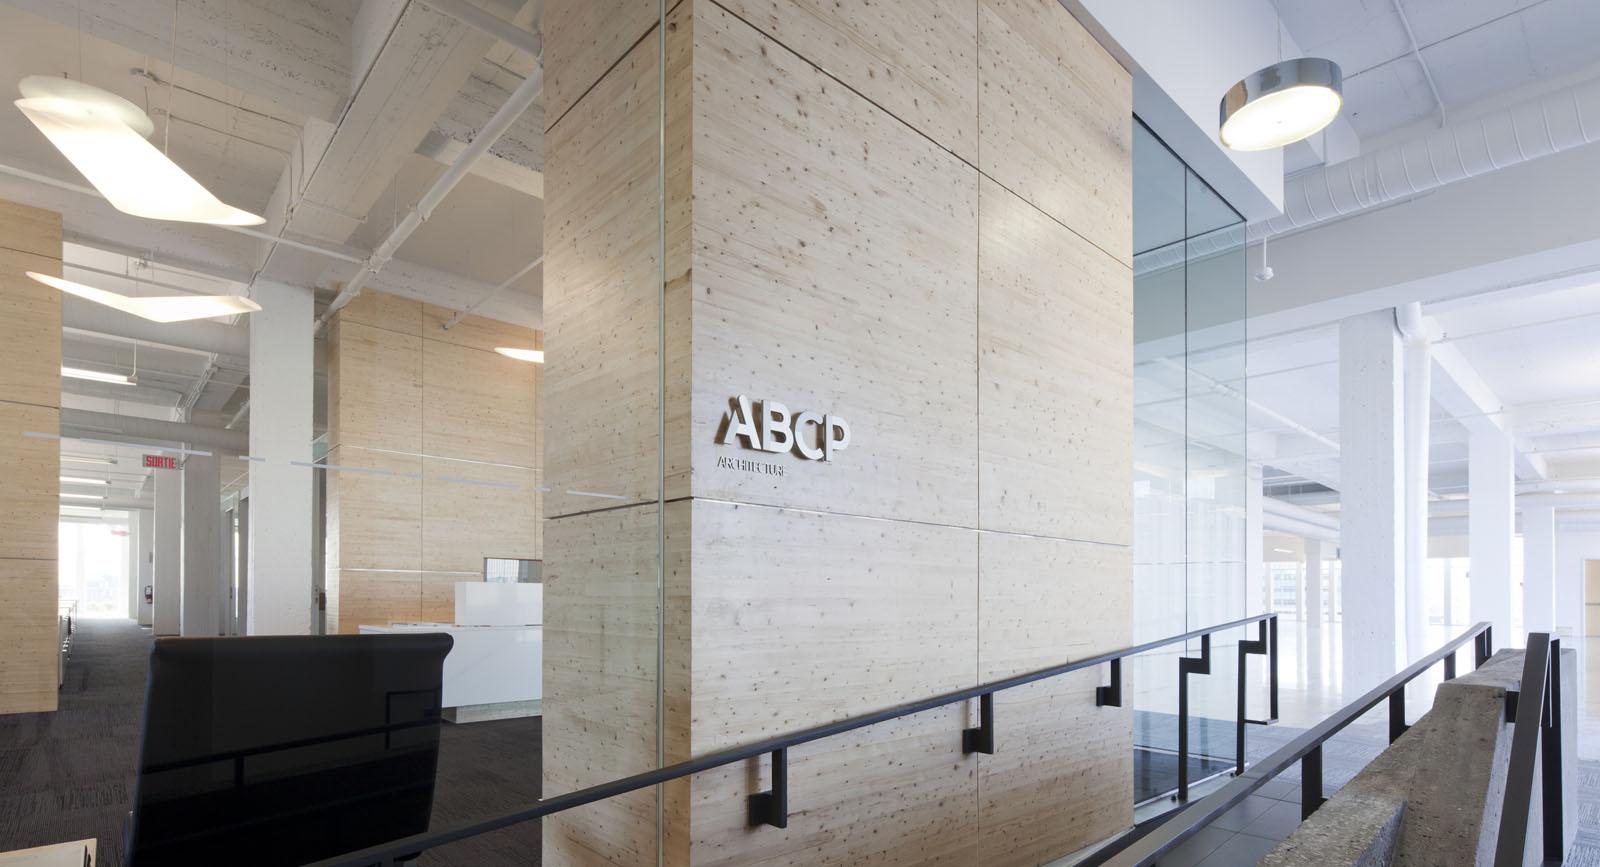 Bureaux abcp québec abcp